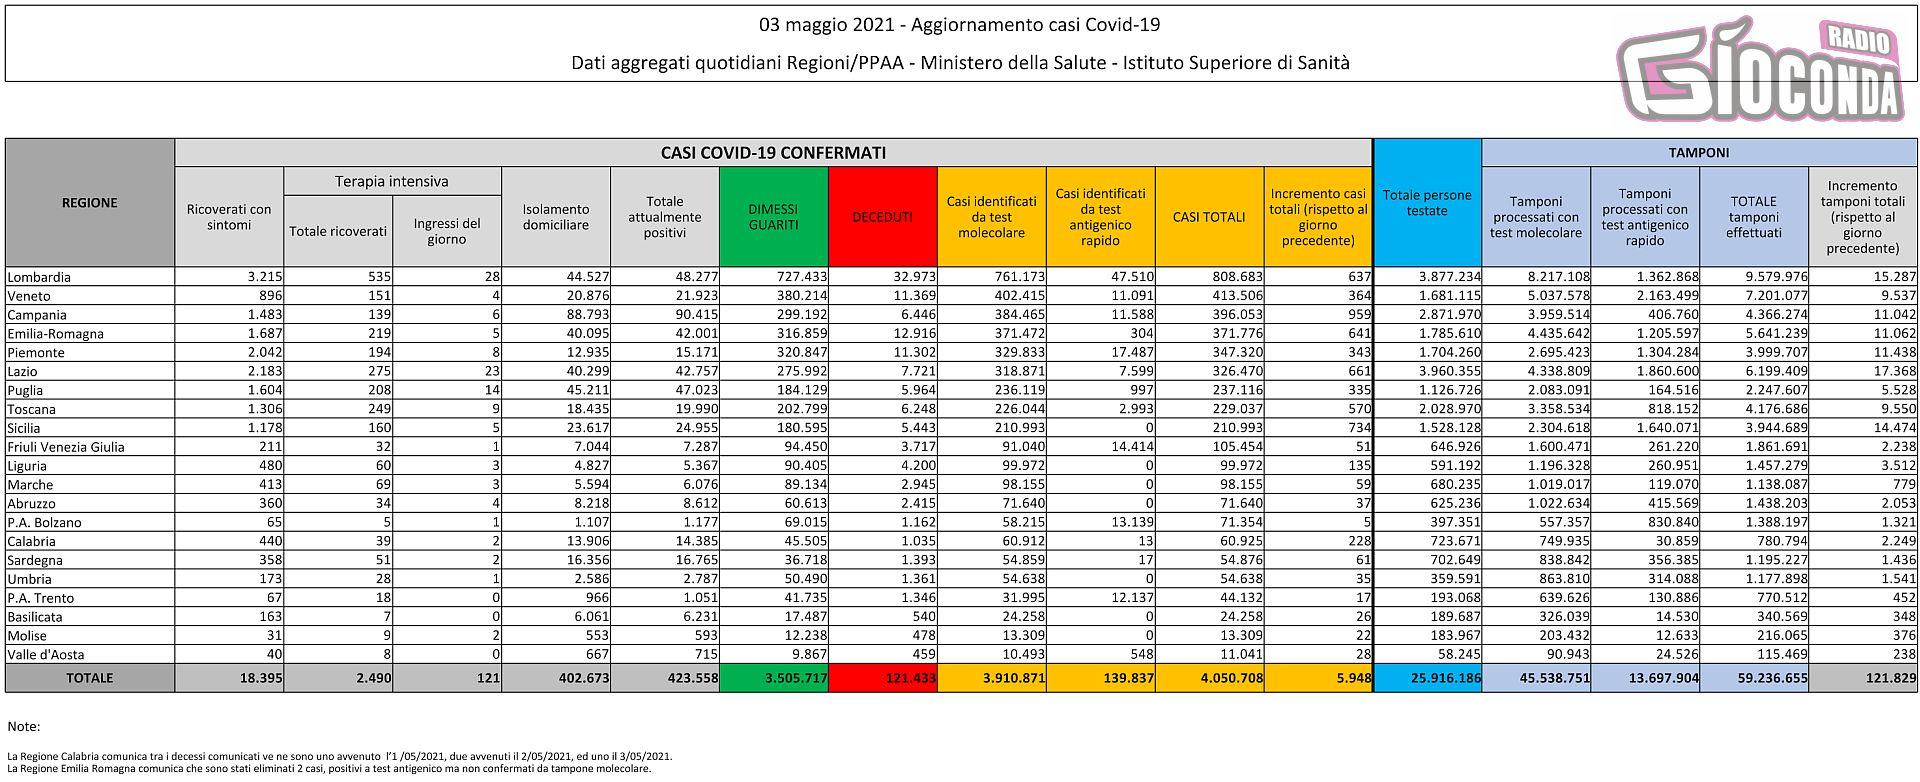 3 maggio 2021 - Aggiornamento casi Covid-19 Dati aggregati quotidiani Regioni/PPAA - Ministero della Salute - Istituto Superiore di Sanità